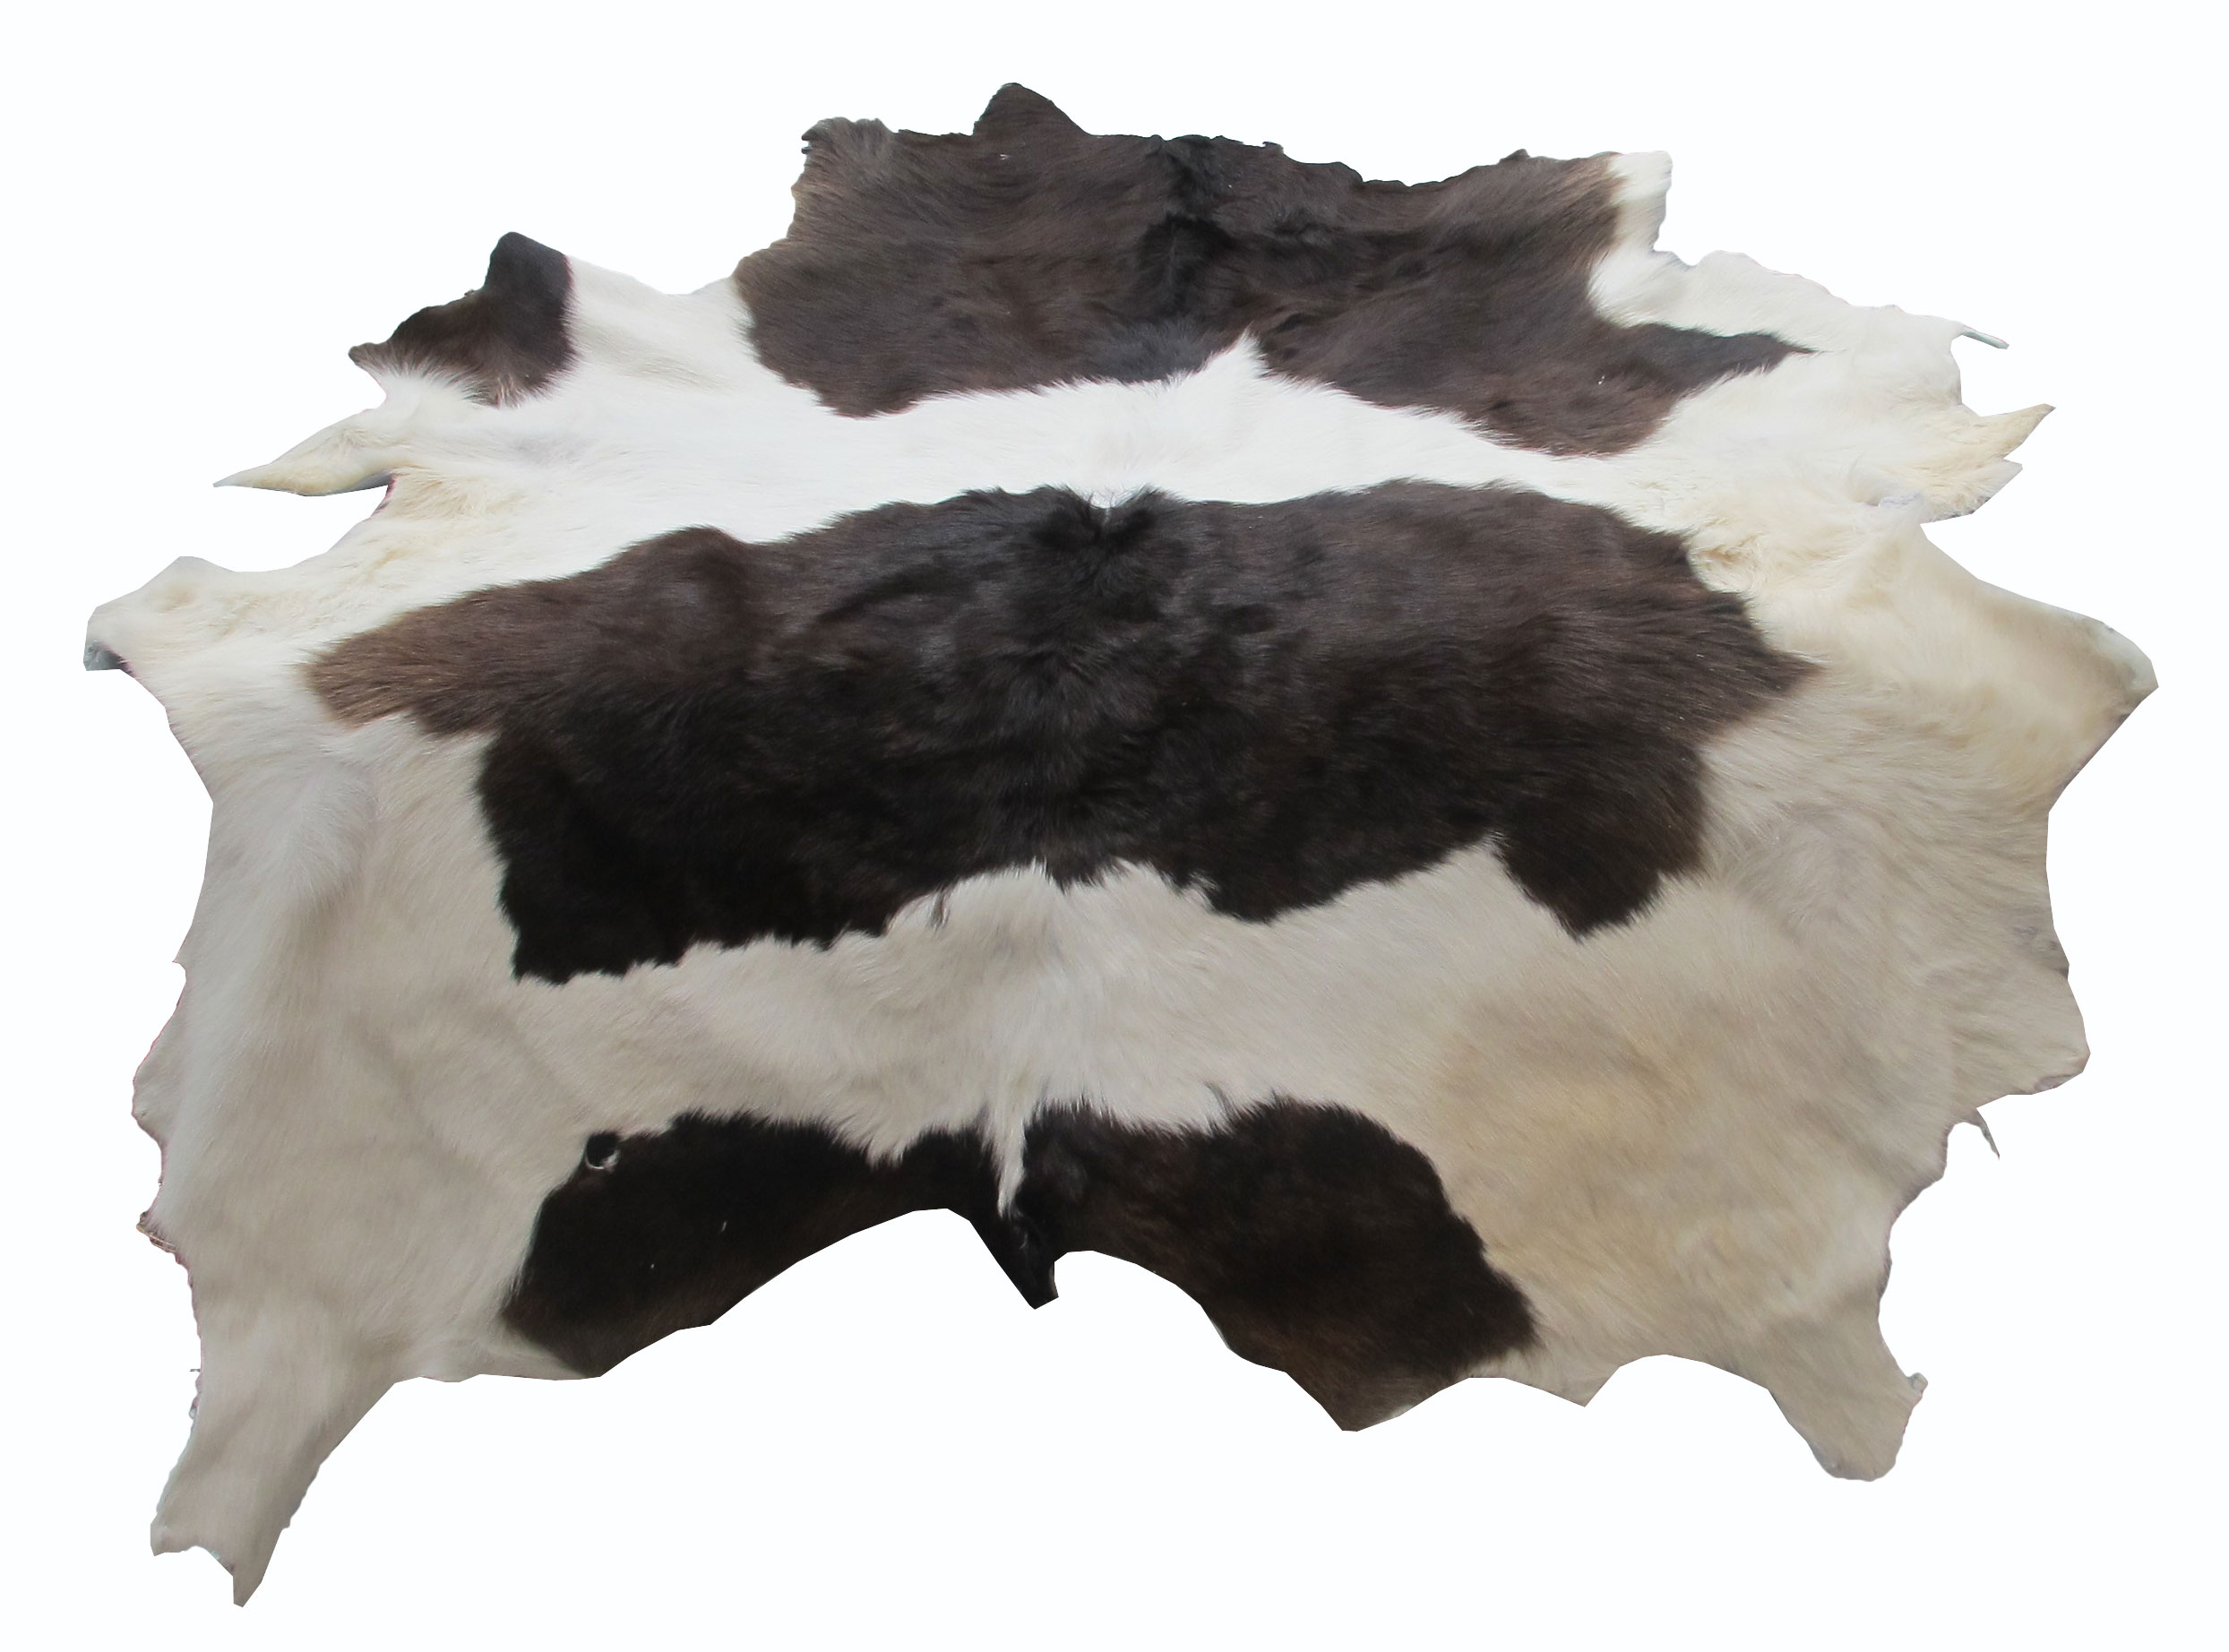 หนังแท้ หนังขนลูกวัว ใช้สำหรับตกแต่งฝาผนังบ้าน หรือ ใช้เป็นผ้าปูโต๊ะแล้วเอากระจกทับ หรือ ผ้าคลุ่มเก้าอี้นั่ง สำเนา สำเนา สำเนา สำเนา สำเนา